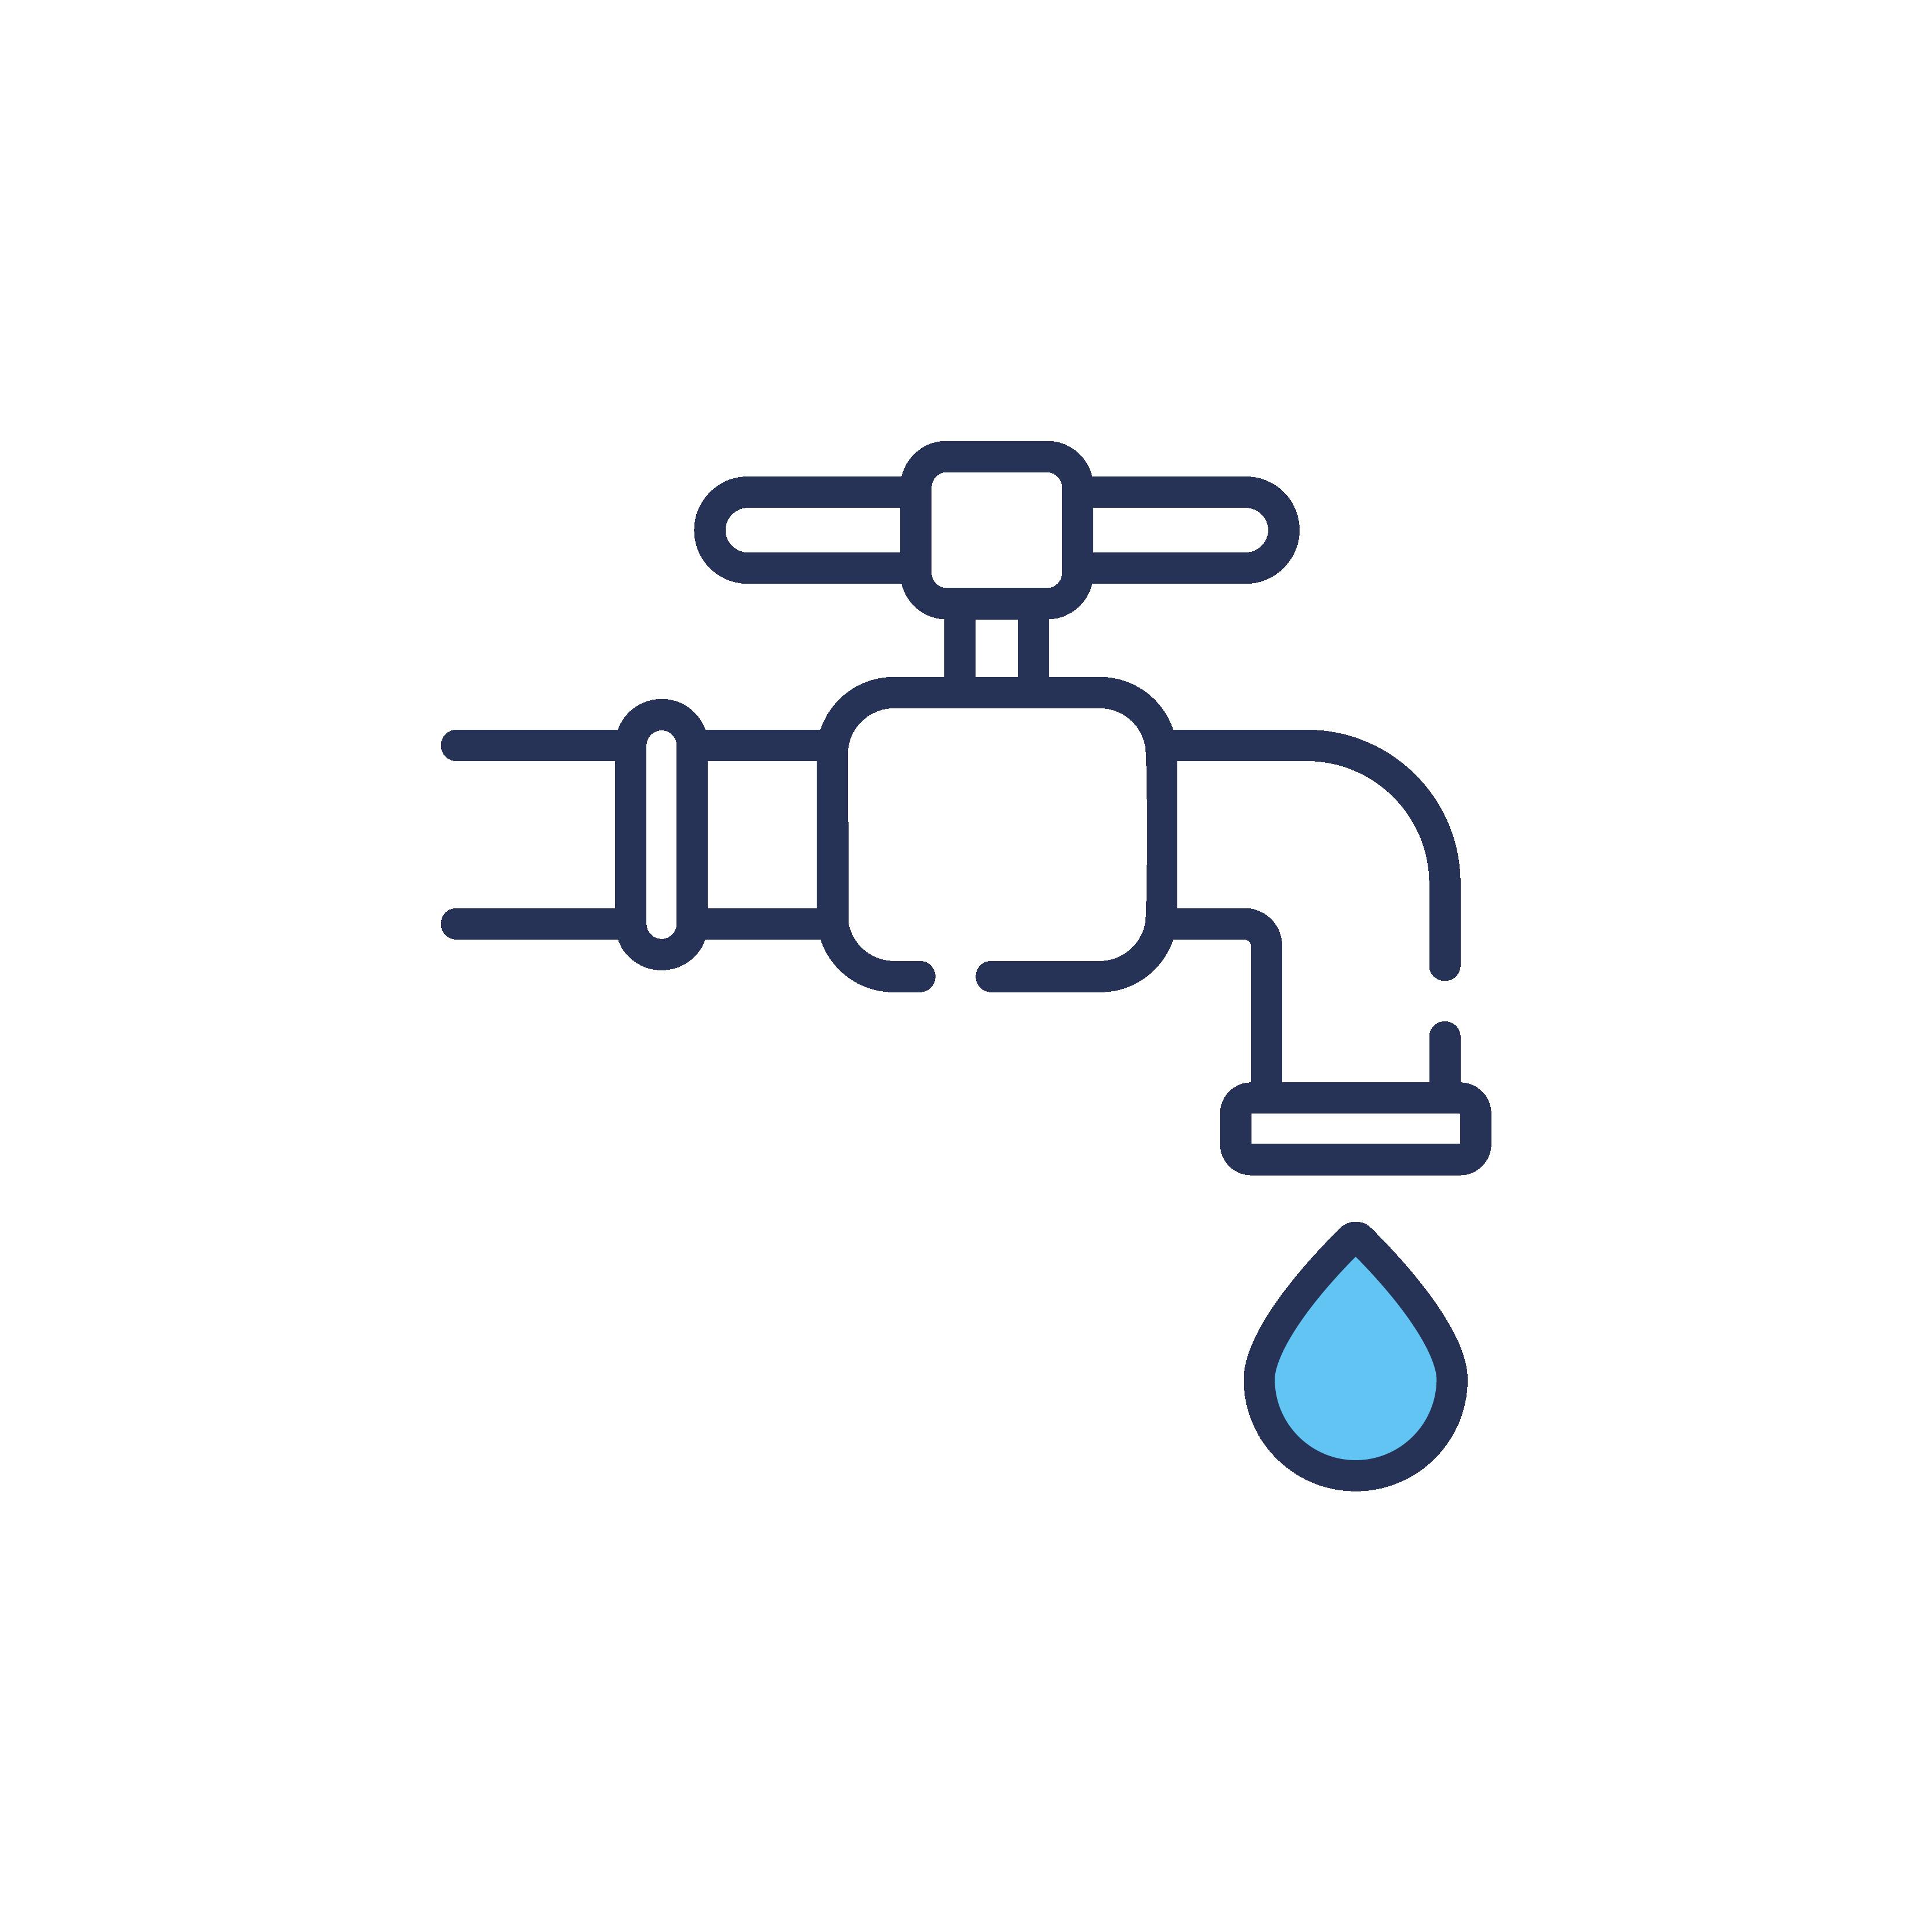 Componenti per reti idriche